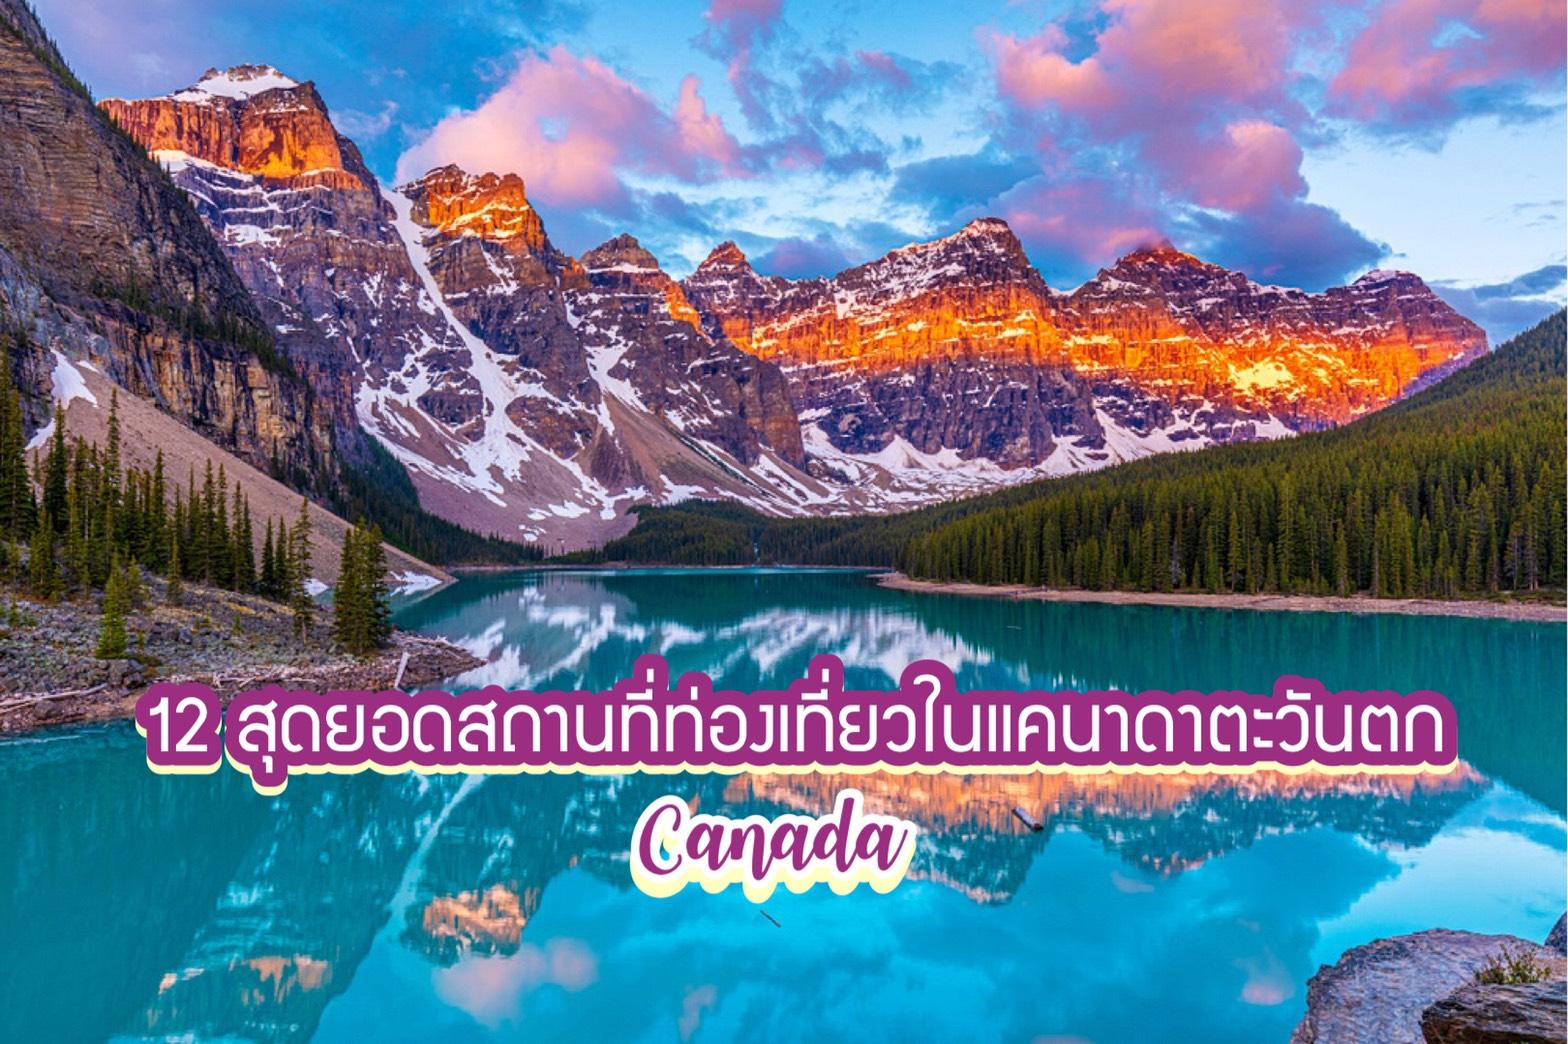 12 สุดยอดสถานที่ท่องเที่ยวในแคนาดาตะวันตก